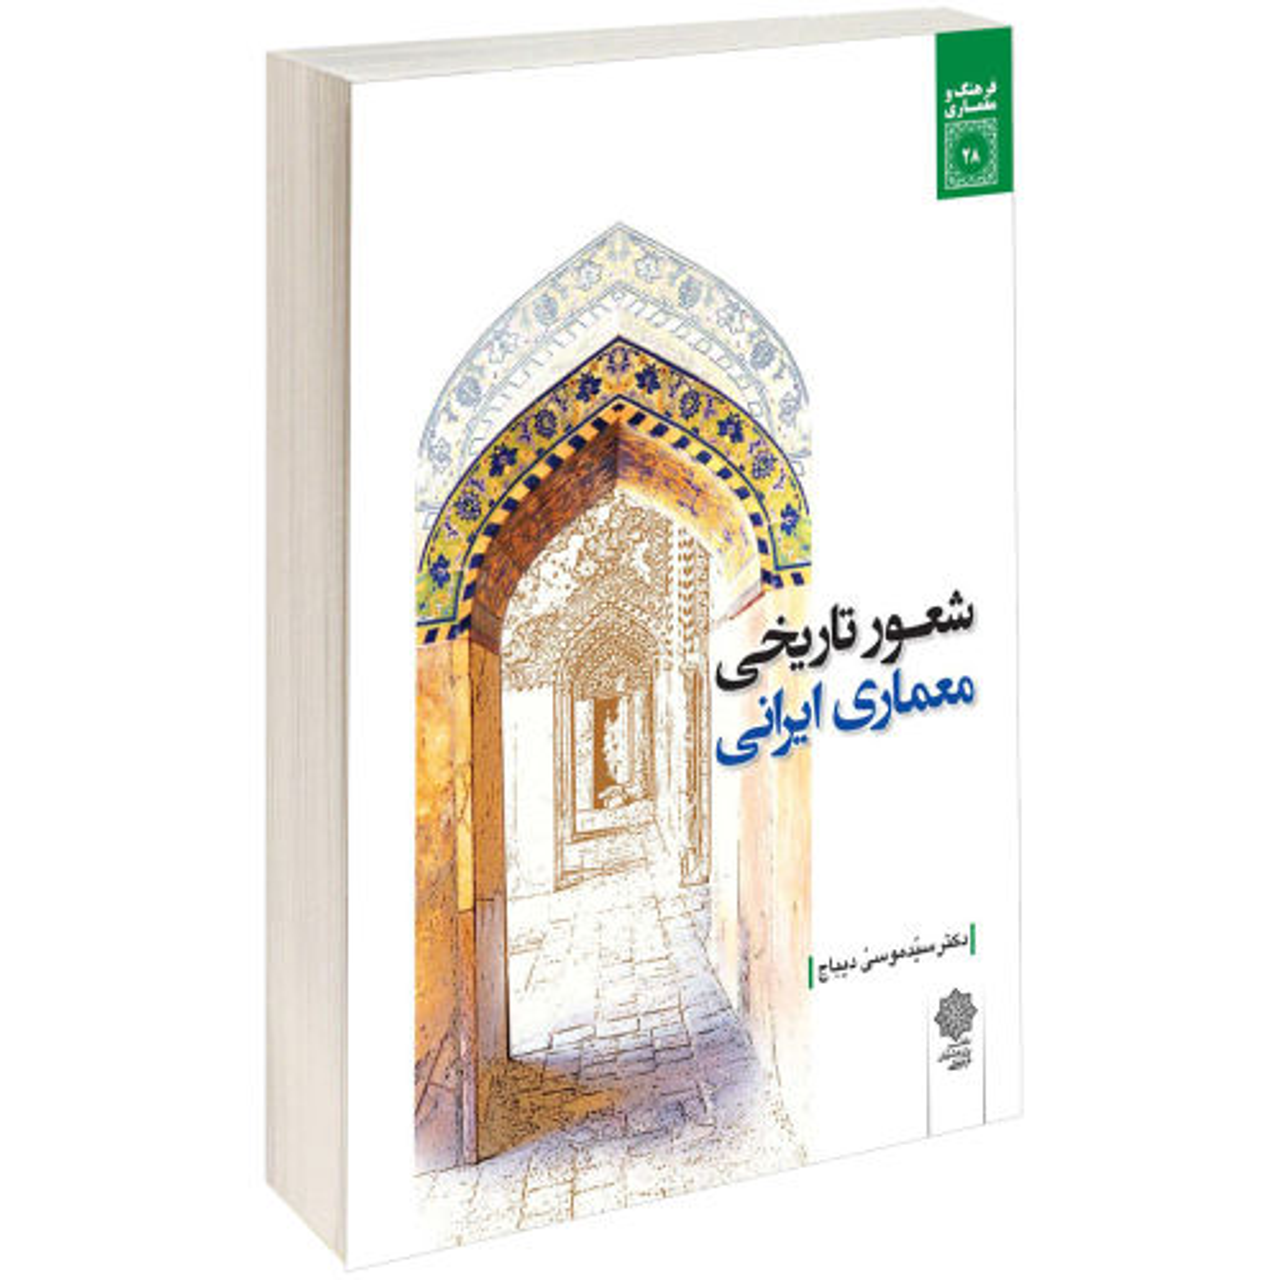 کتاب شعور تاریخی معماری ایرانی اثر سید موسی دیباج